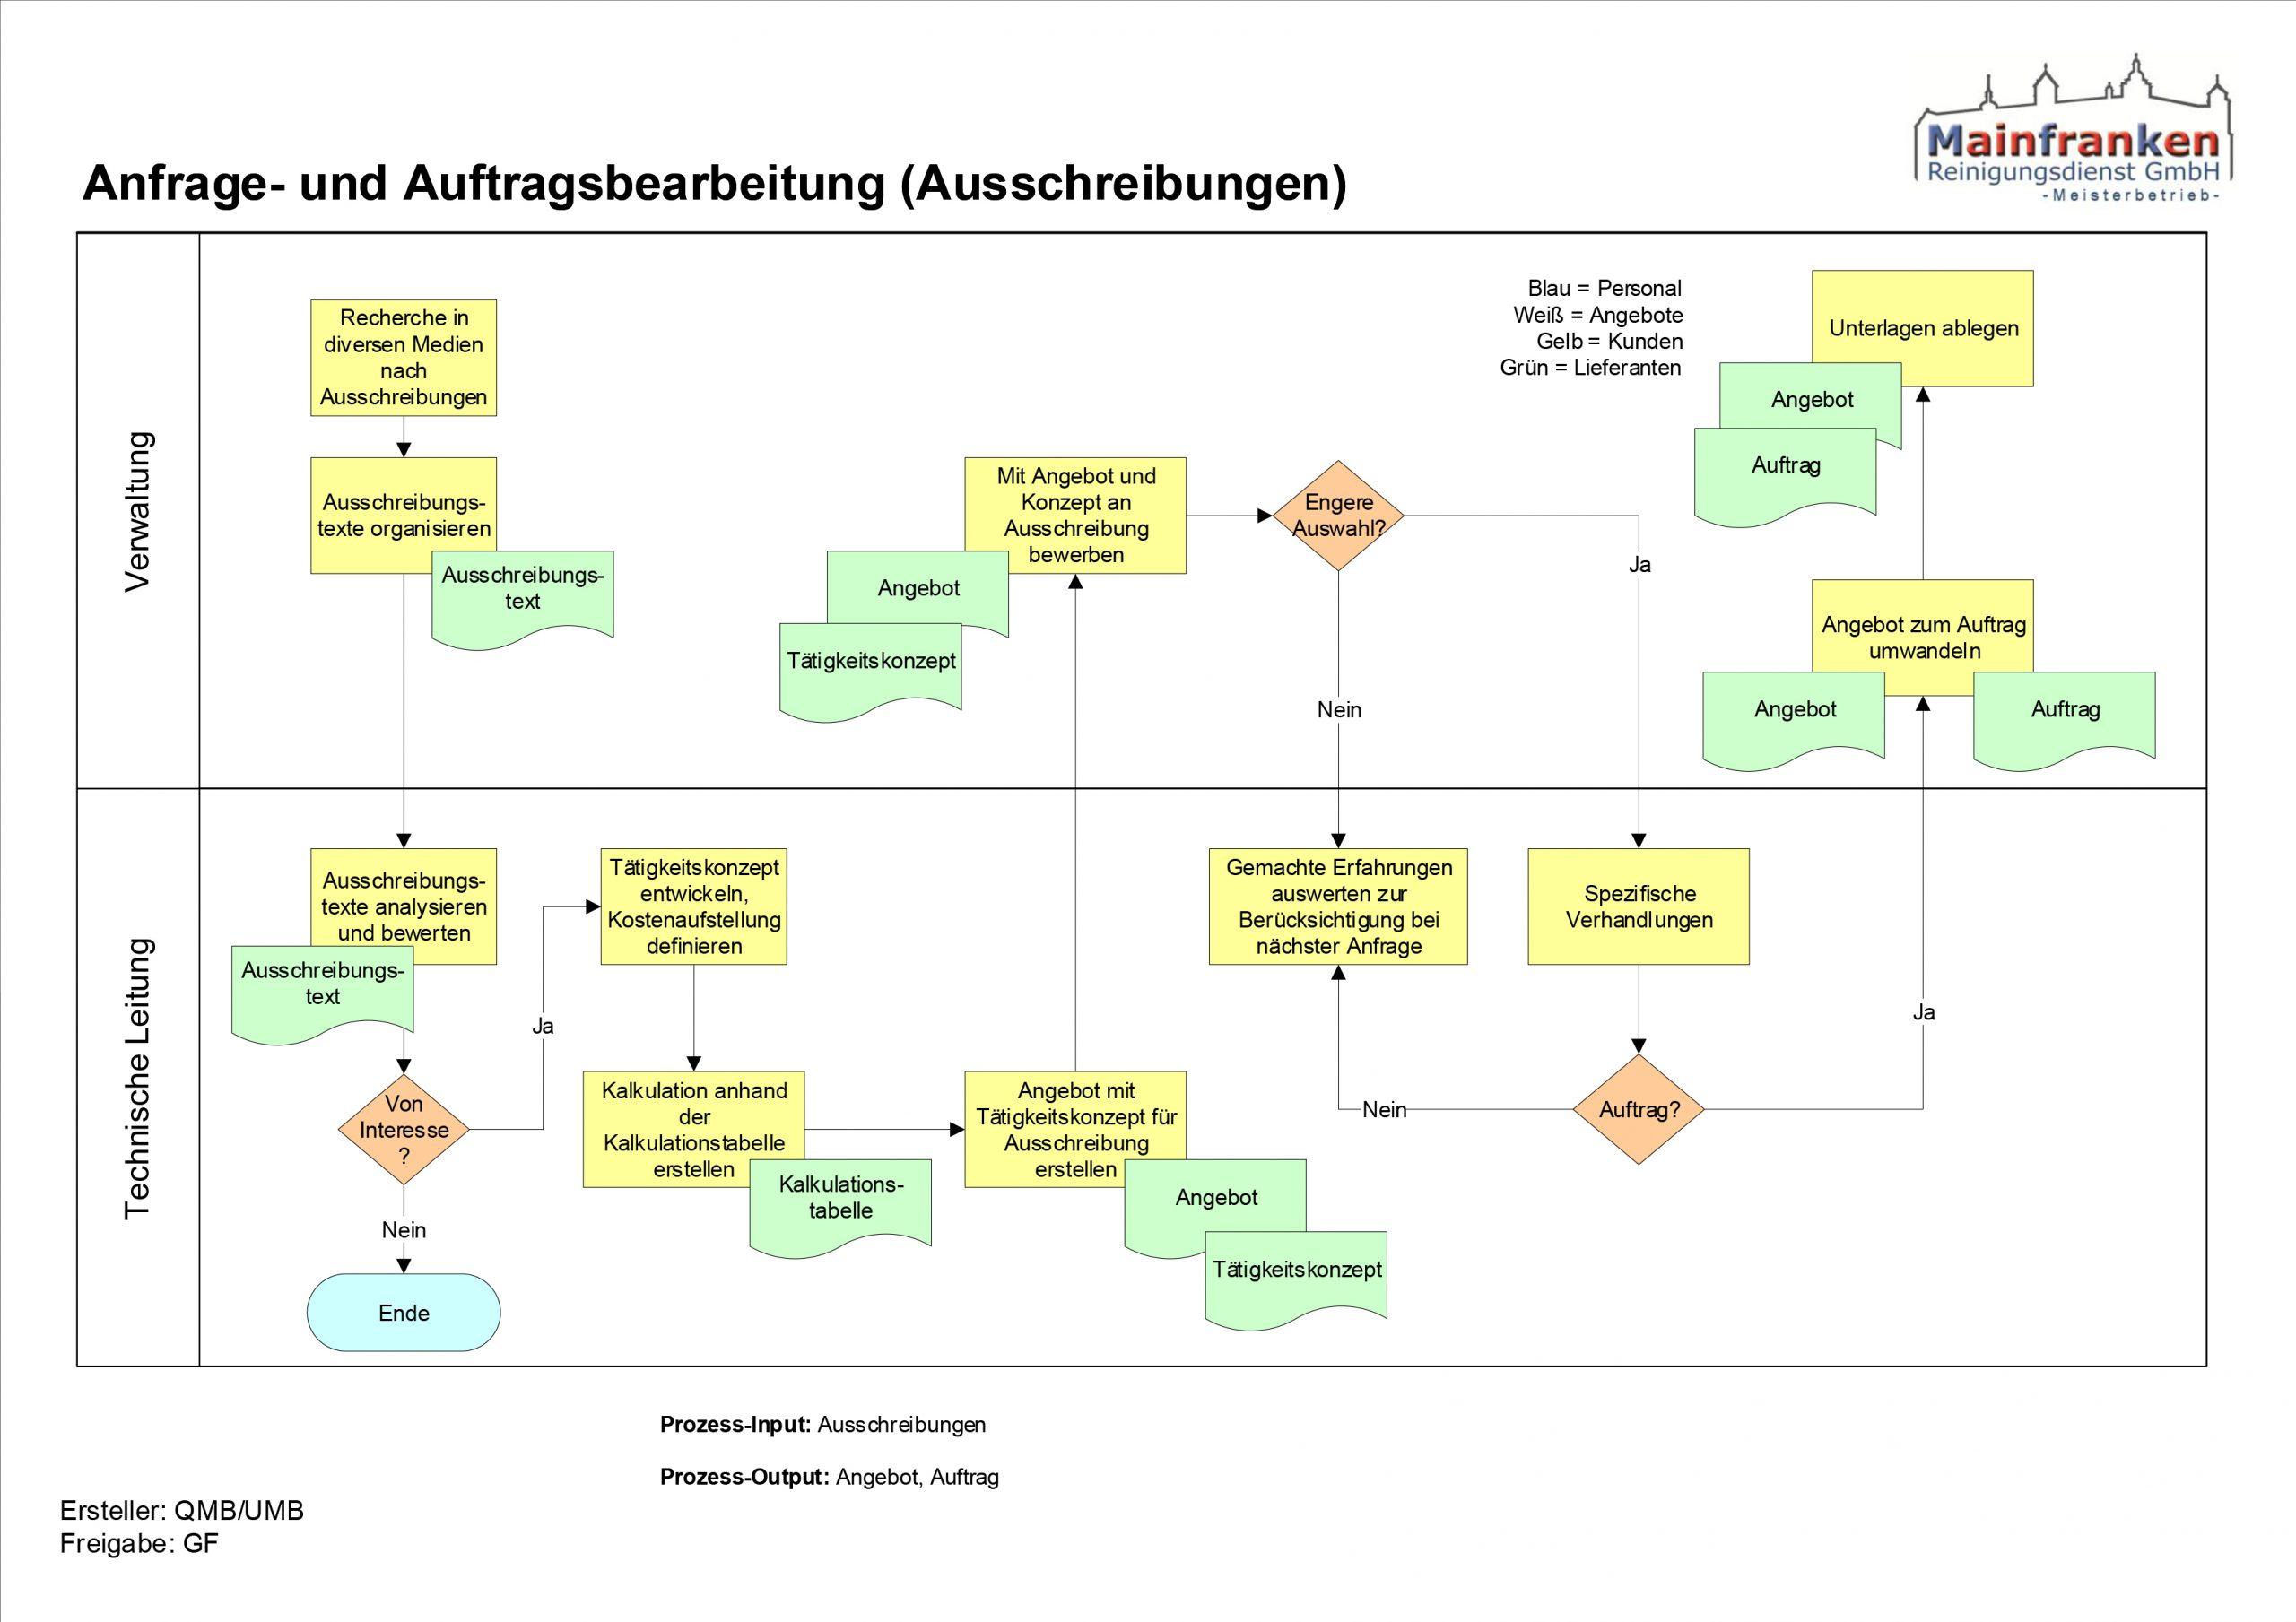 Schaubild zur Anfrage- und Auftragsbearbeitung (Ausschreibungen)